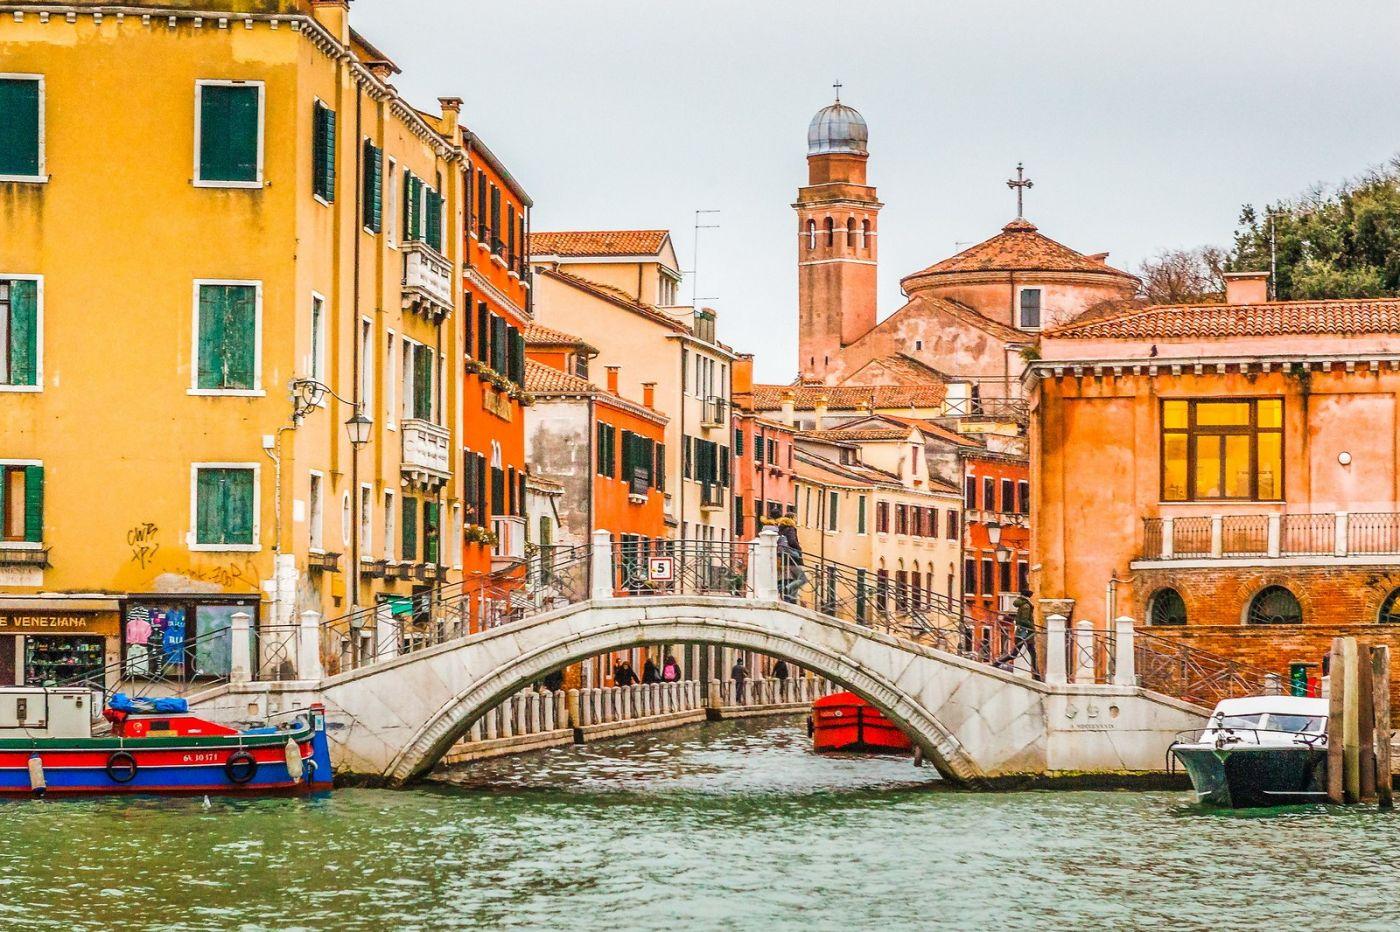 意大利威尼斯,桥的艺术_图1-22